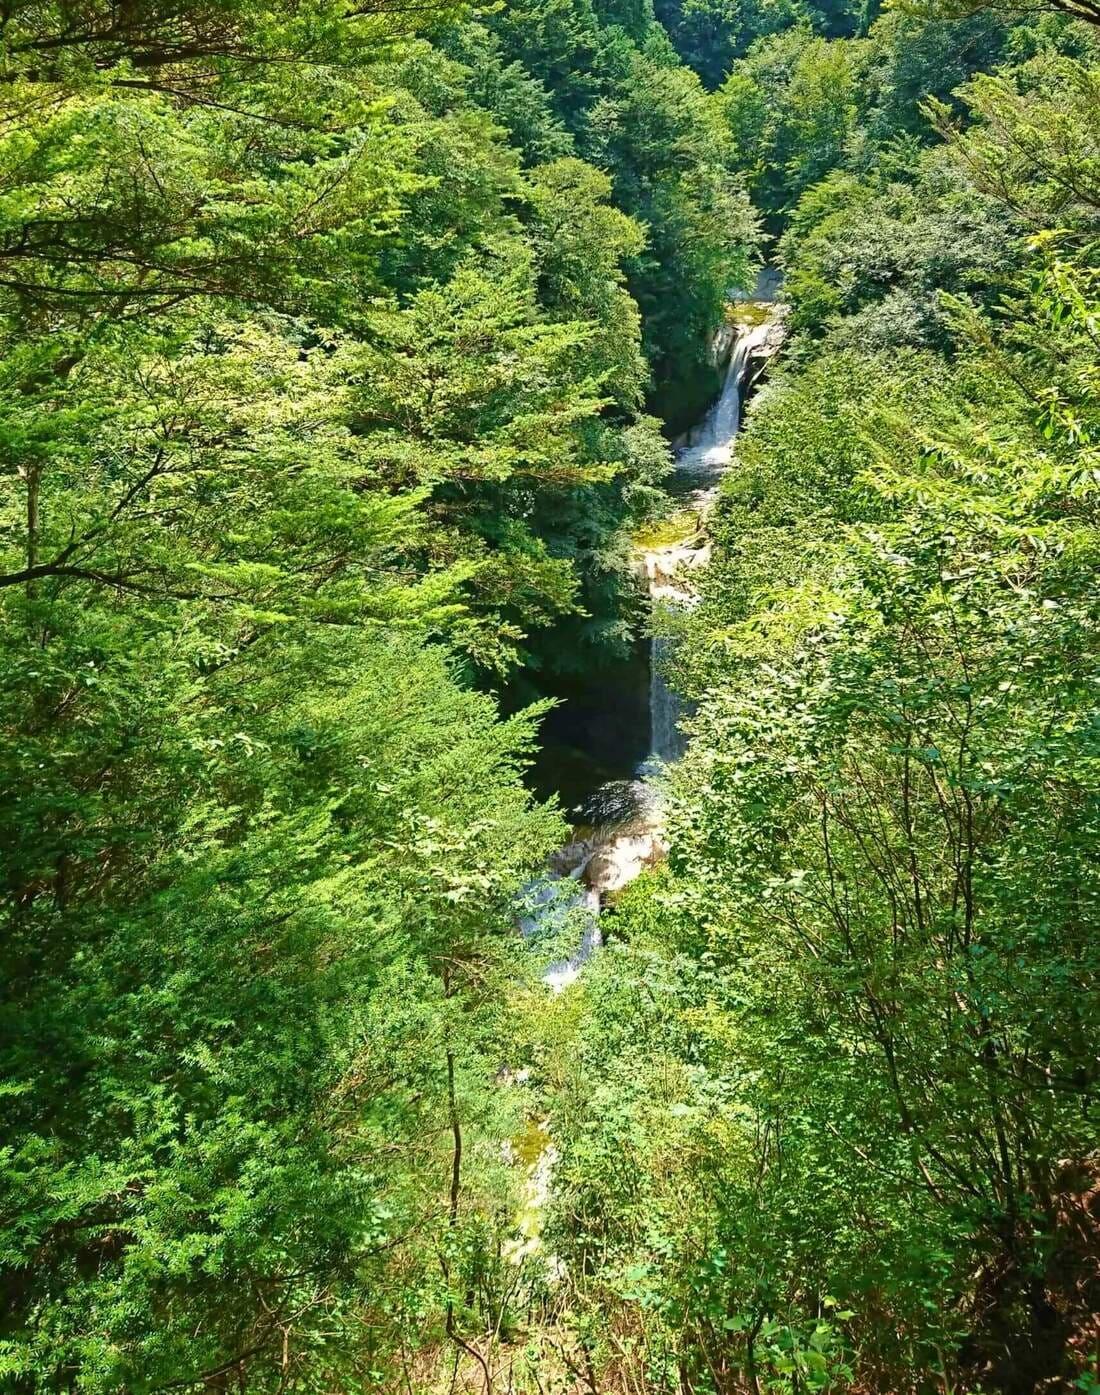 尾白川渓谷の神蛇滝